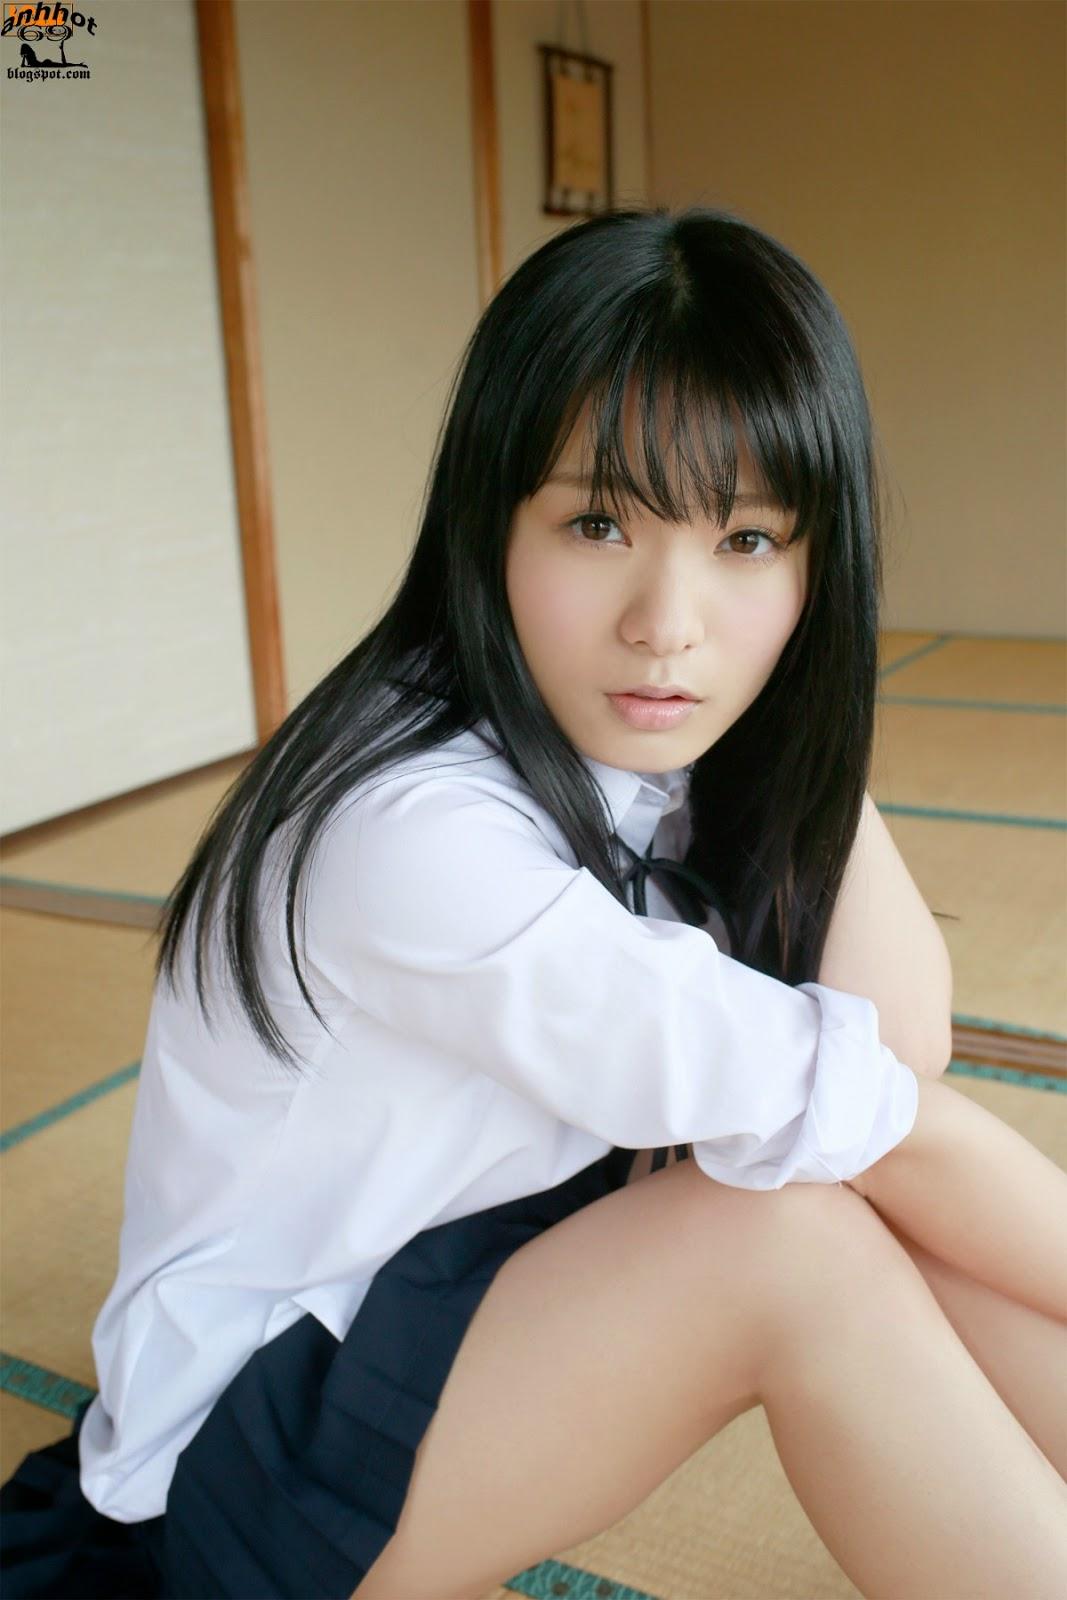 mizuki-hoshina-02127835